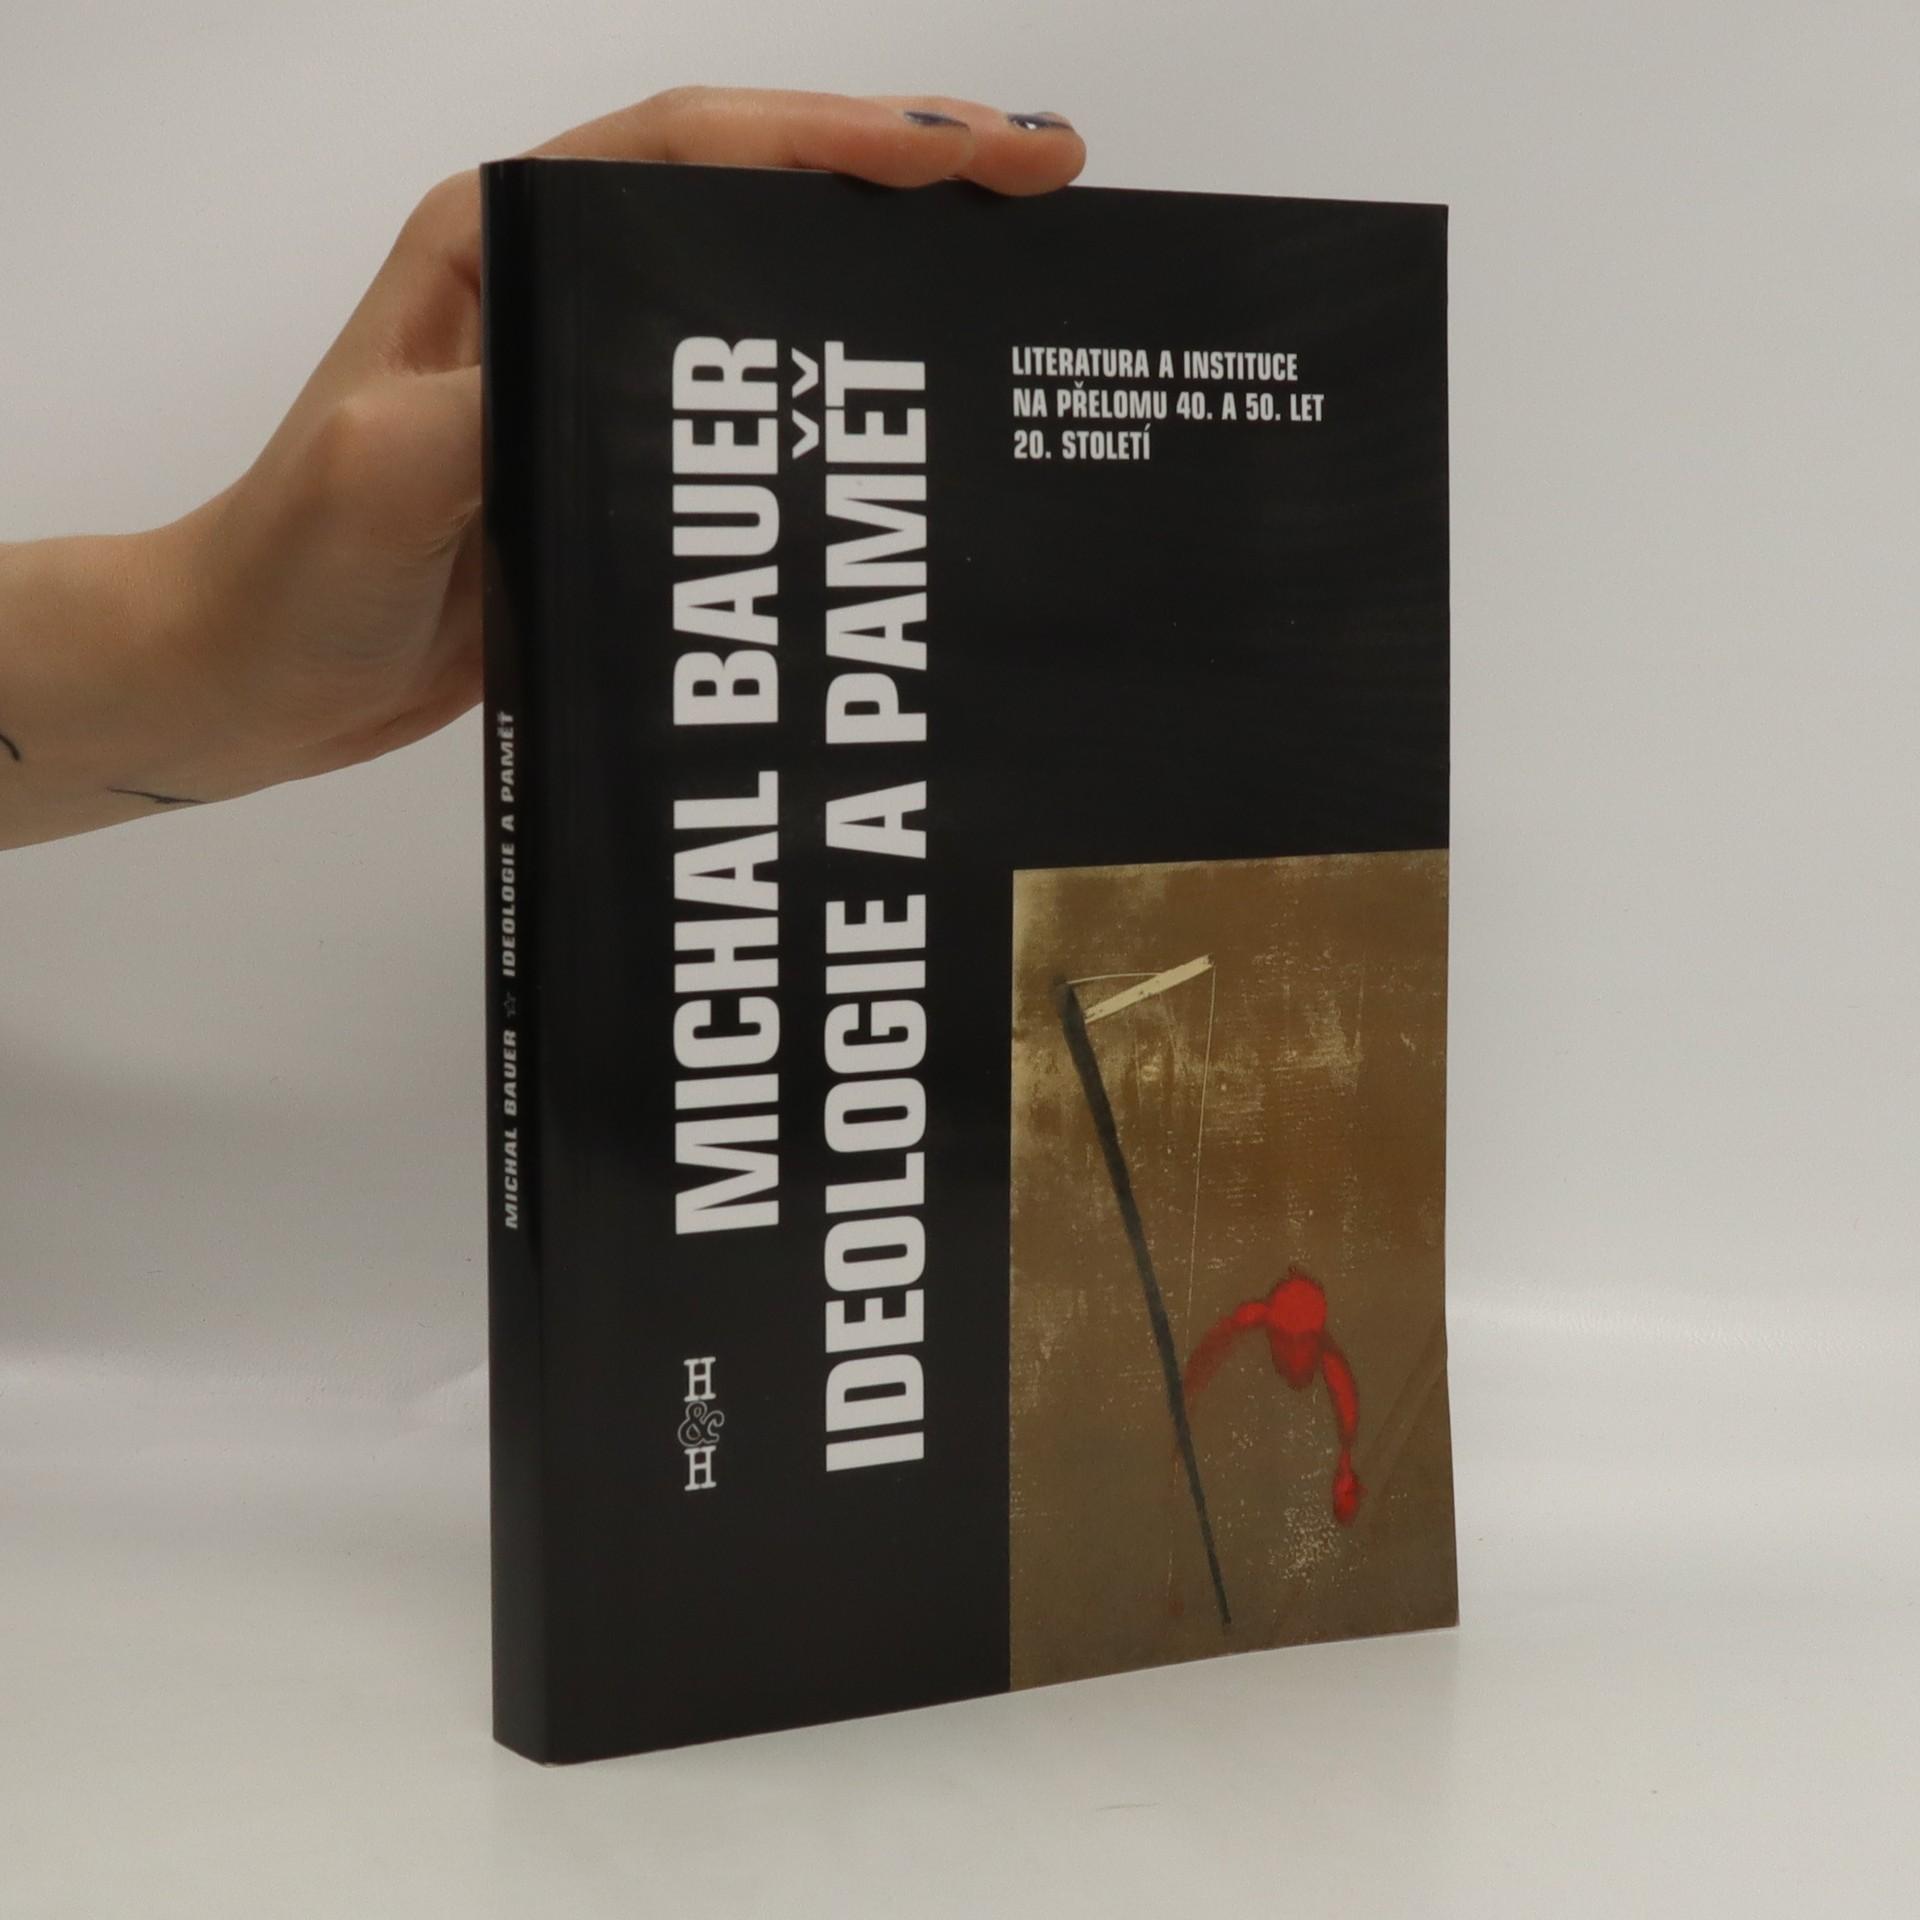 antikvární kniha Ideologie a paměť. Literatura a instituce na přelomu 40. a 50. let 20. století, 2003